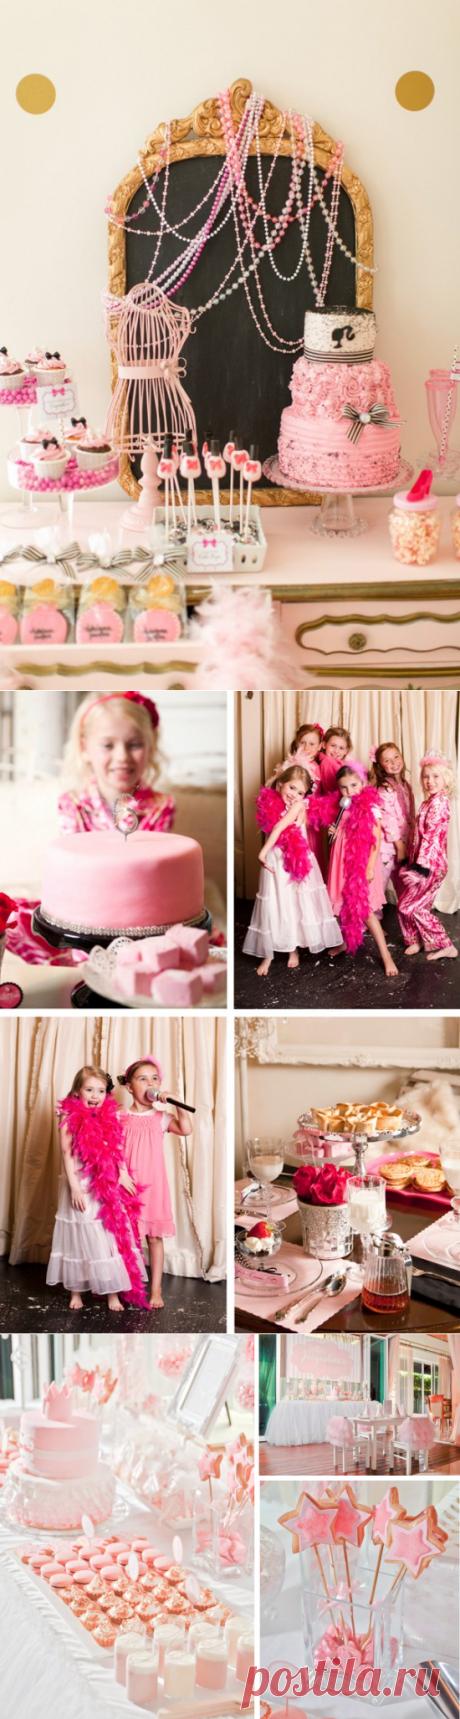 Детский день рождения девочки юные фотомодели - Семейное - art-bufet.ru